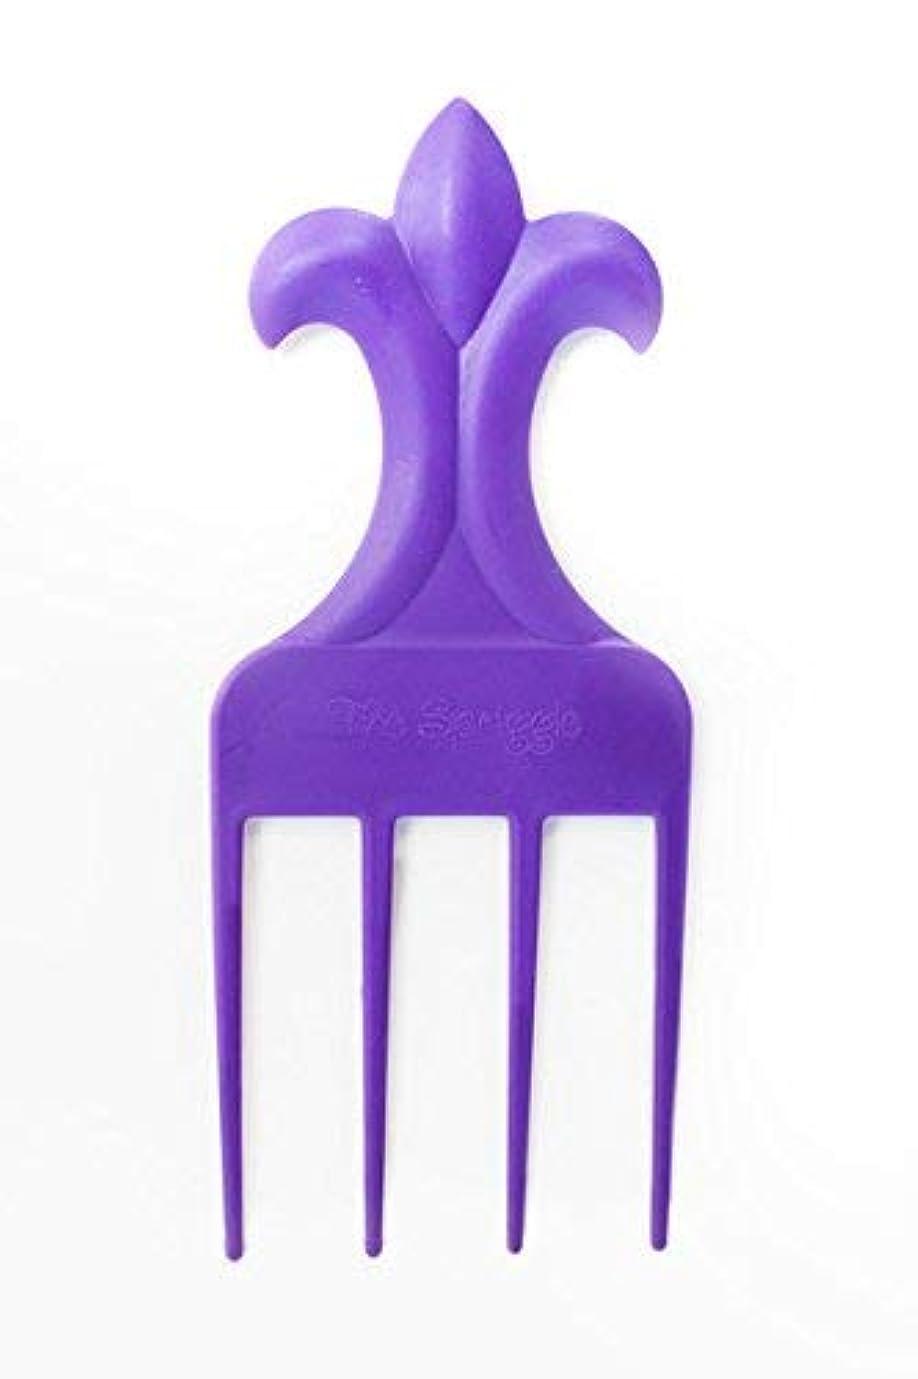 ぎこちない細菌直感The Spriggle (Purple) [並行輸入品]